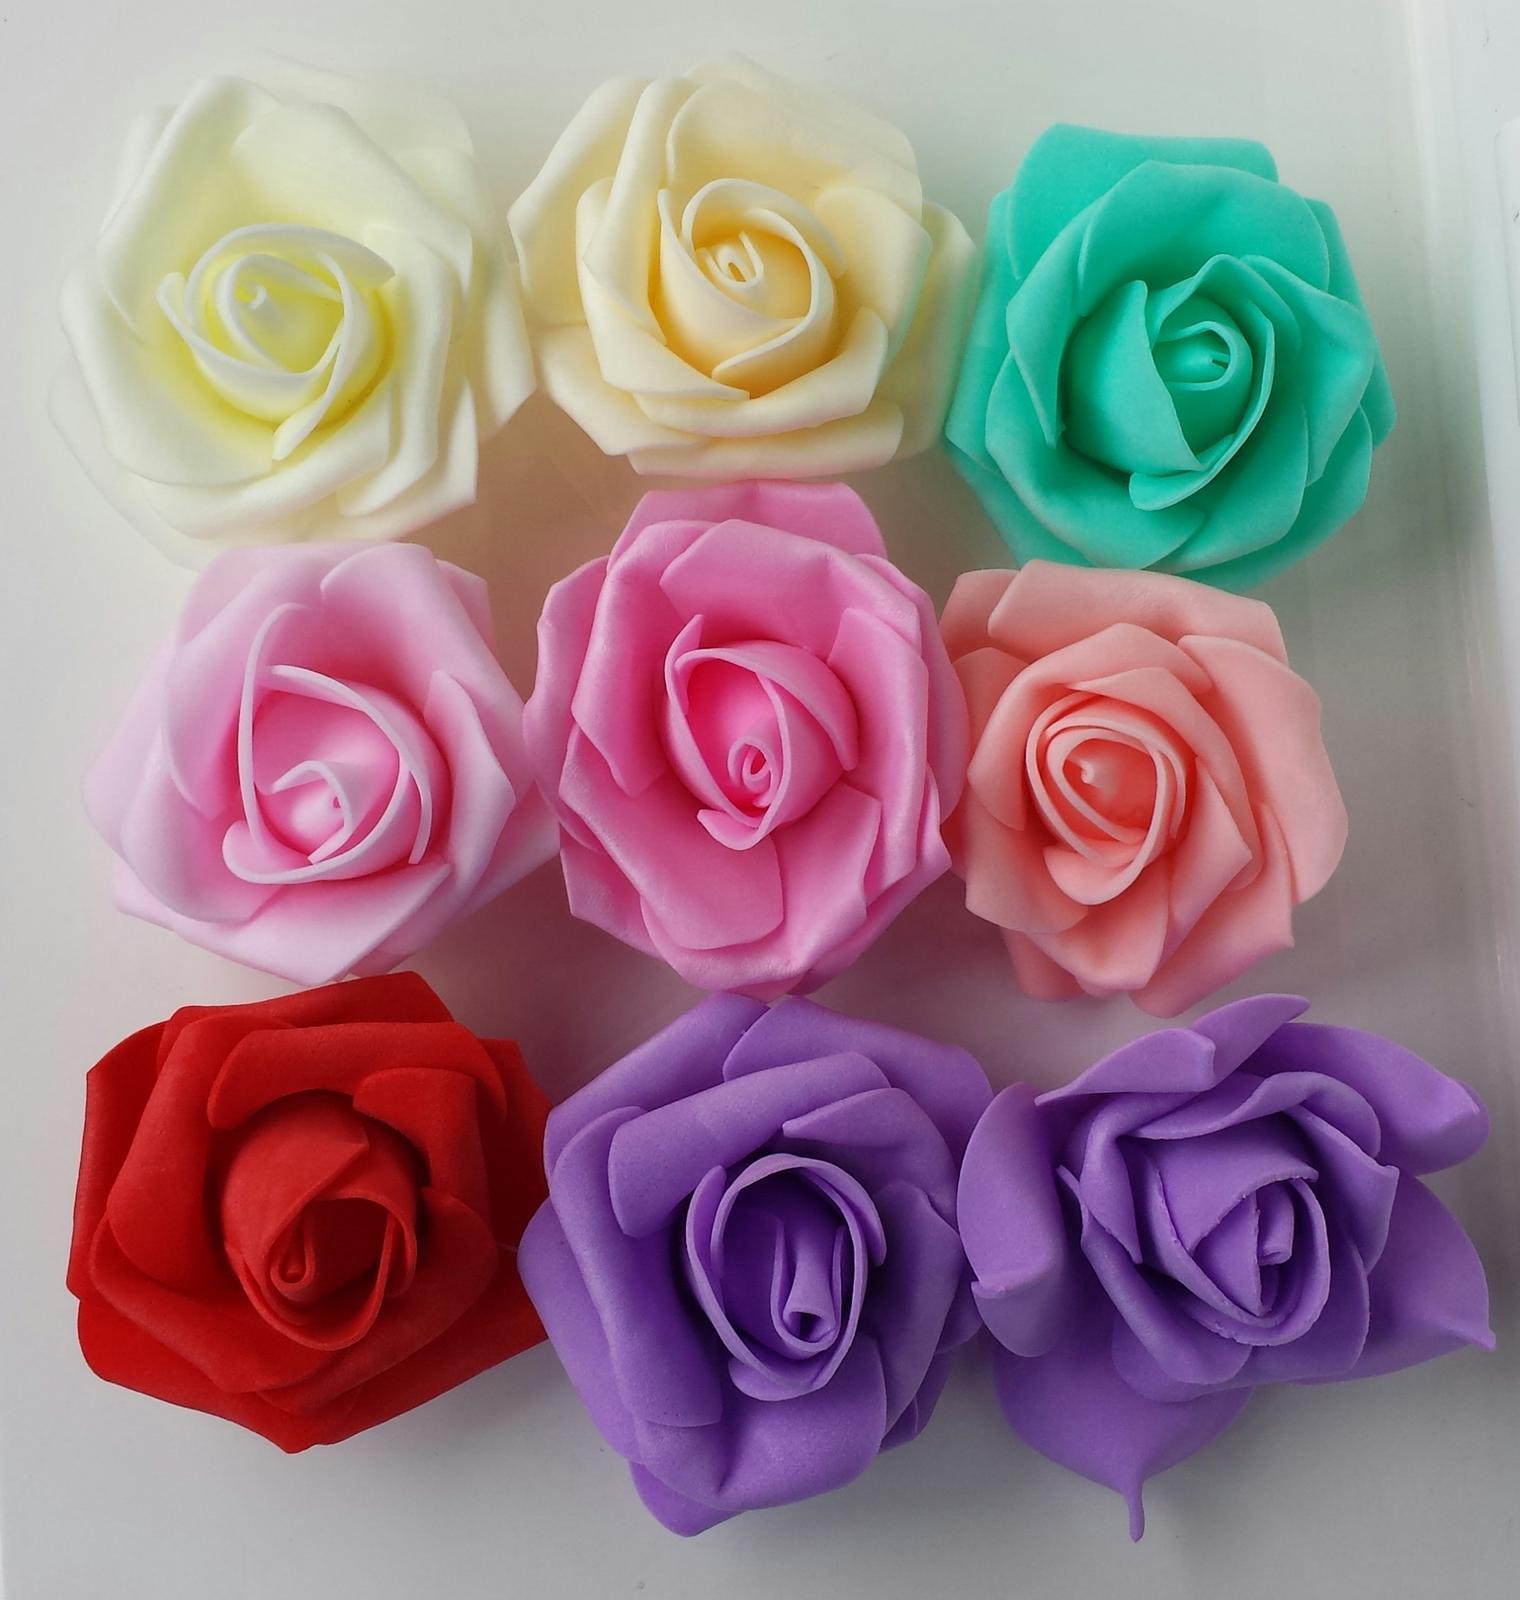 Svatební dekorace na auta - Krásné nové odstíny pěnovek - ivory, champagne, modrozelená, světle růžová, růžová, broskvová, červená, fialová.